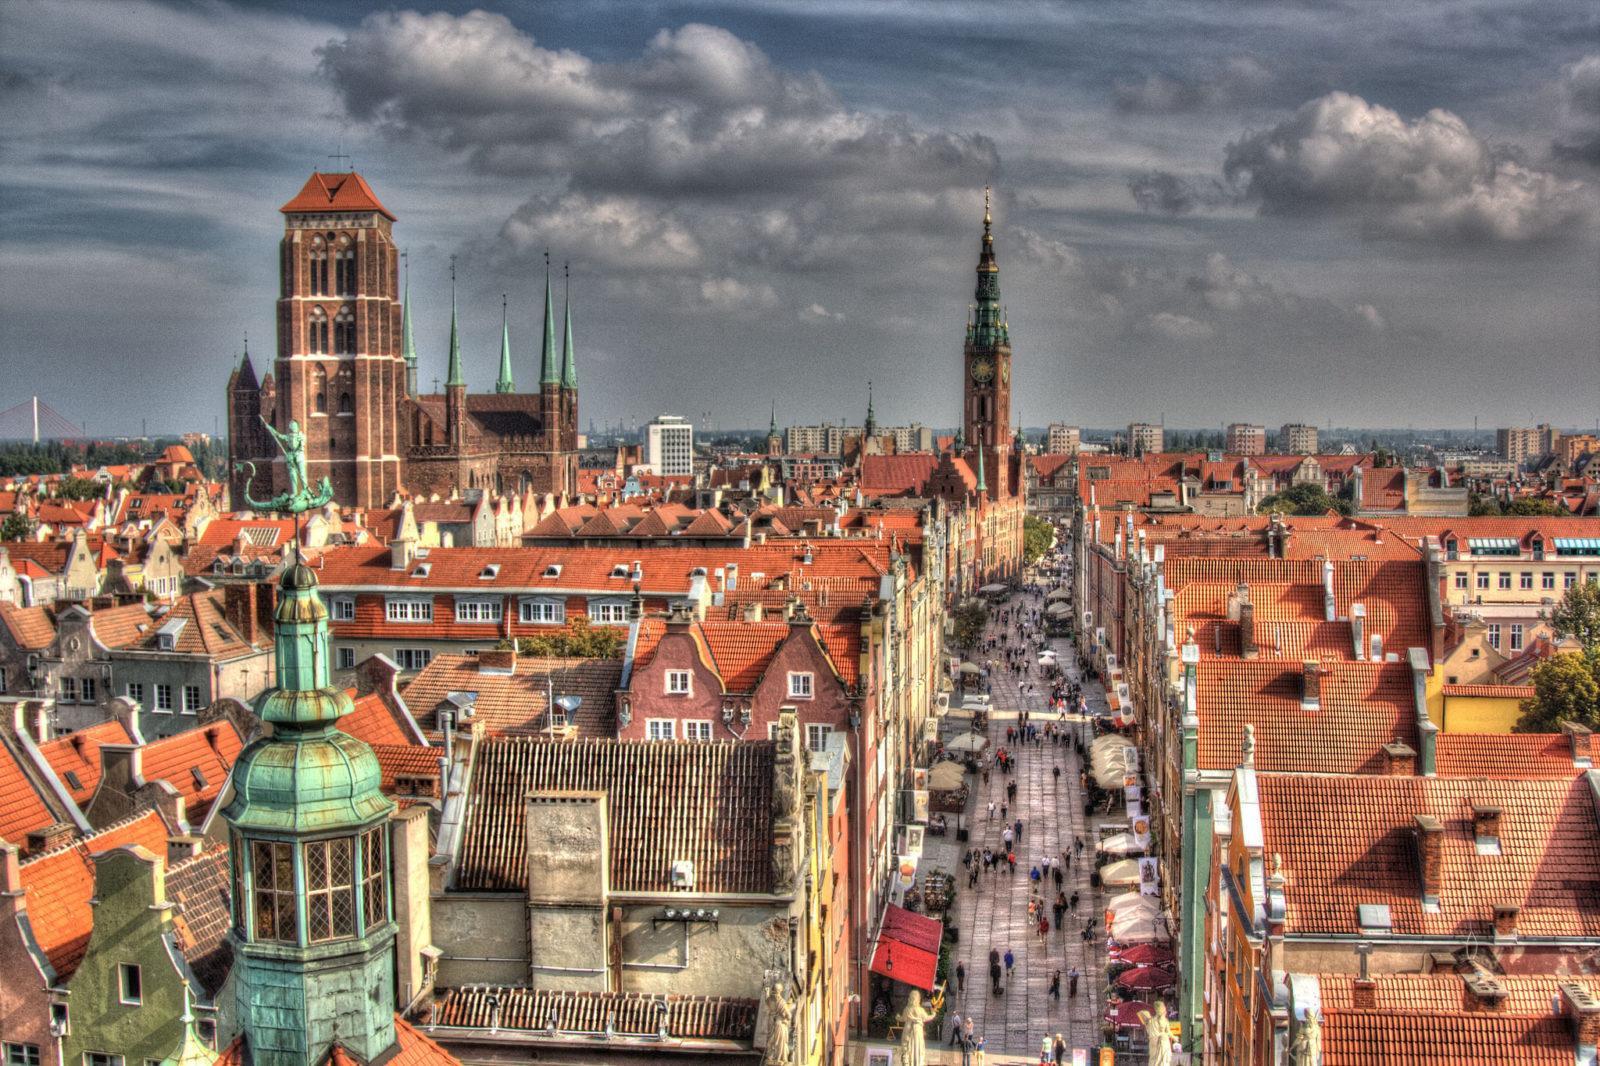 Gdansk - ავიაბილეთები გდანსკი